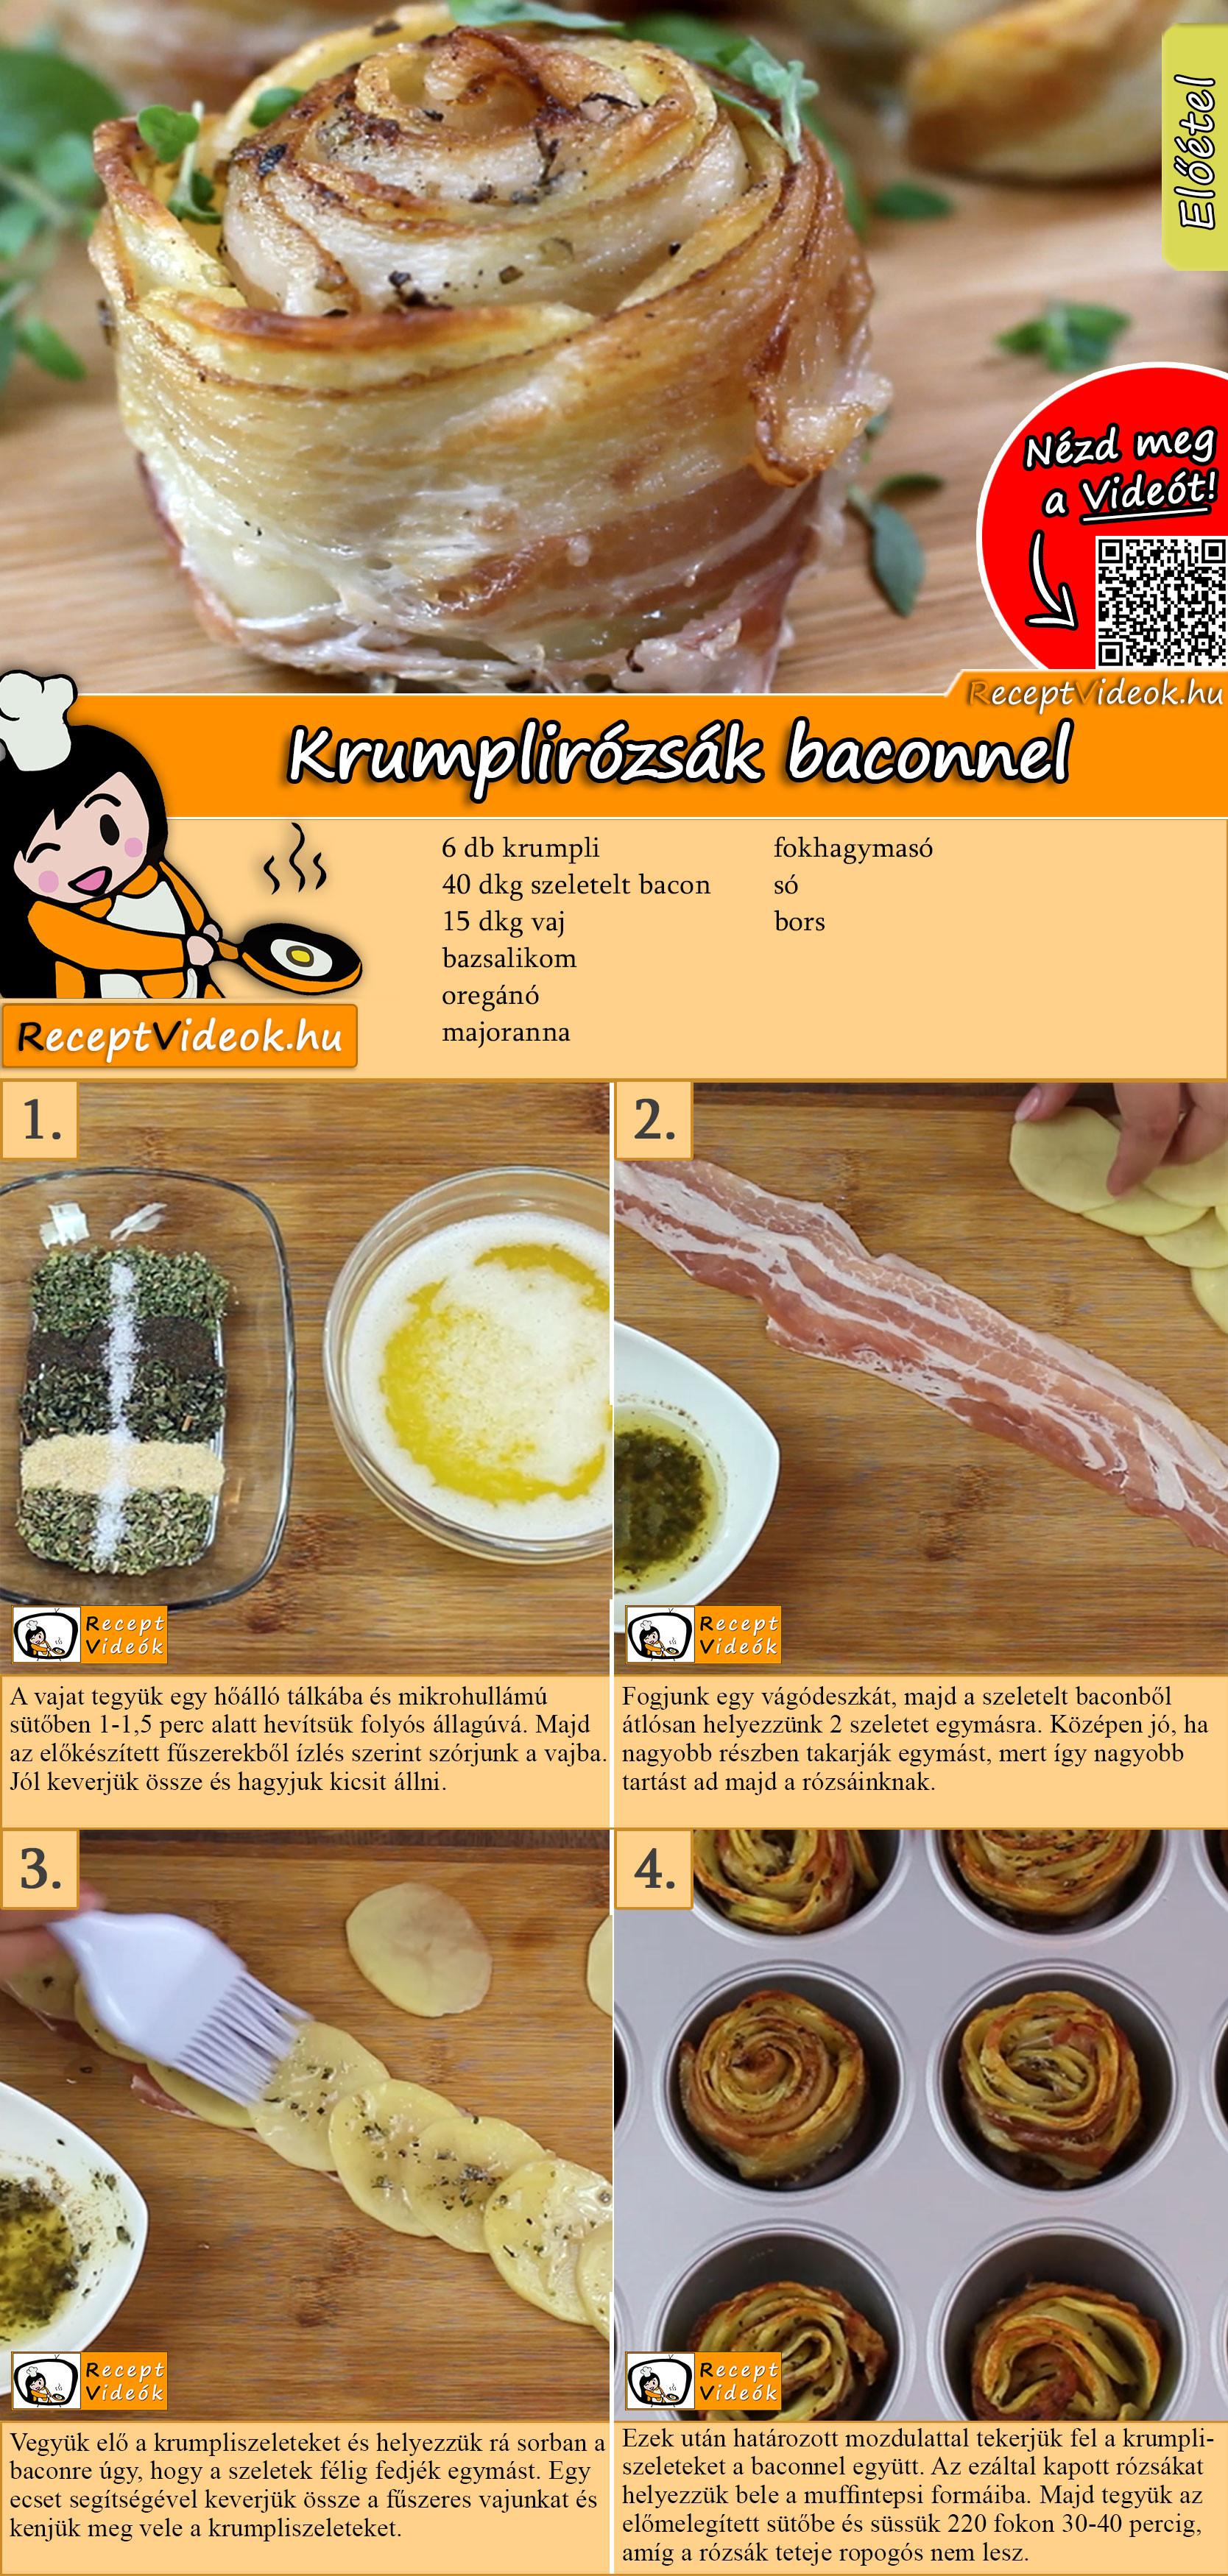 Krumplirózsák baconnel recept elkészítése videóval